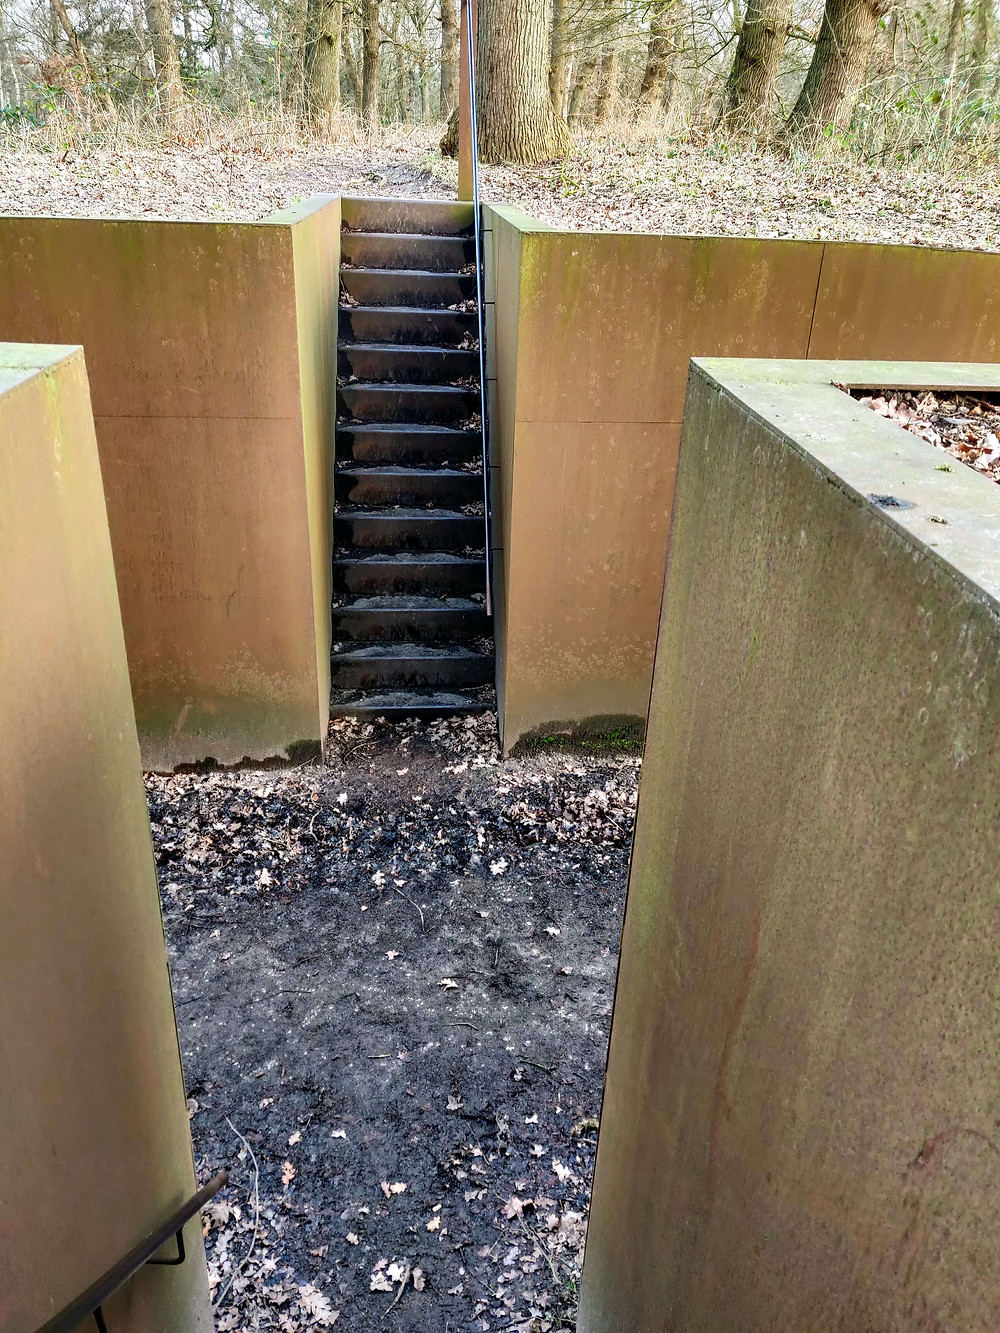 מקטע משוחזר של תעלות חפירה מזמן מלחמת העולם השניה.